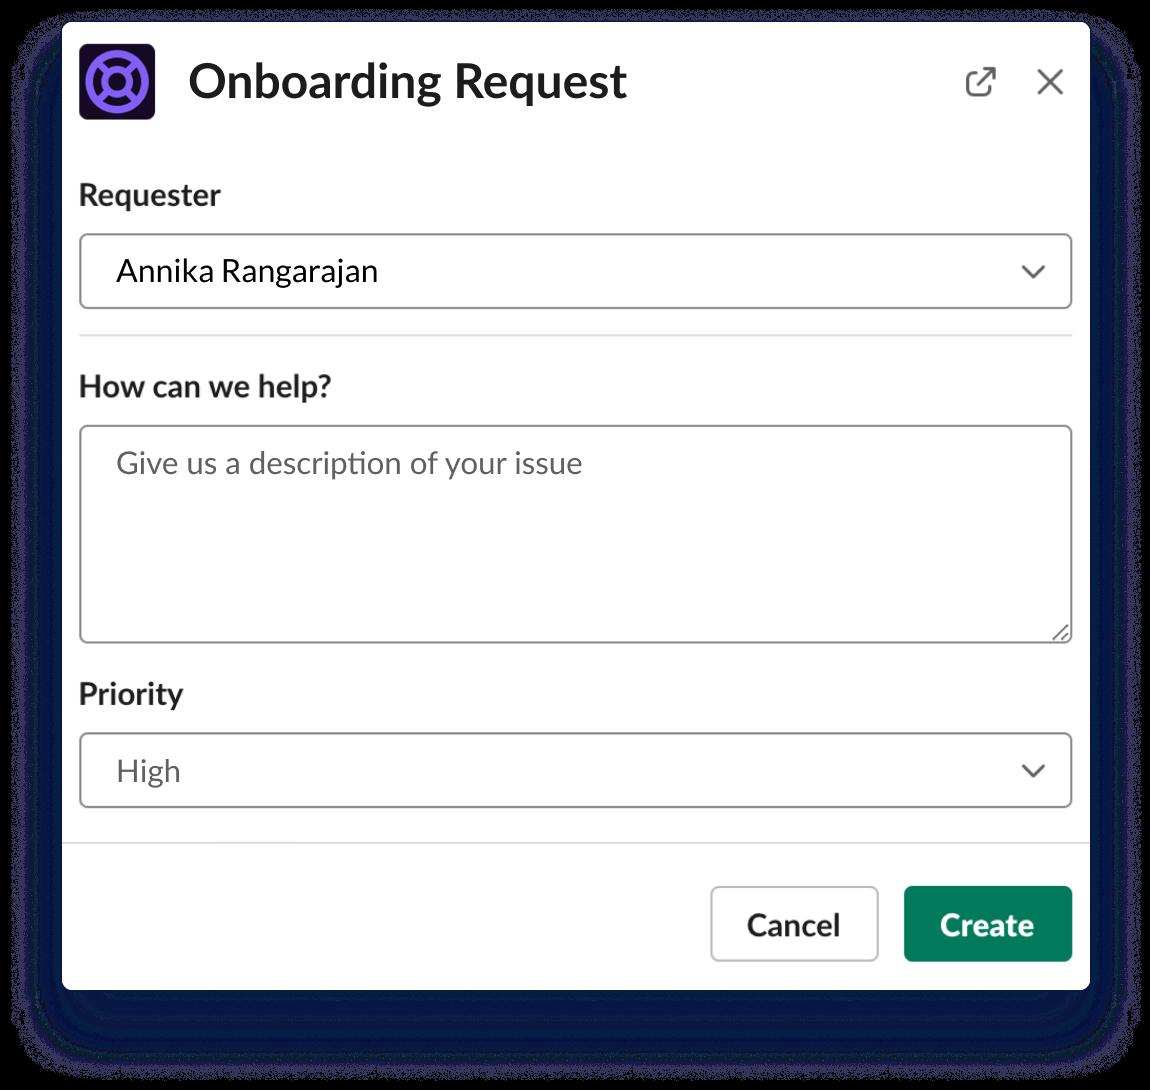 Onboarding request screenshot